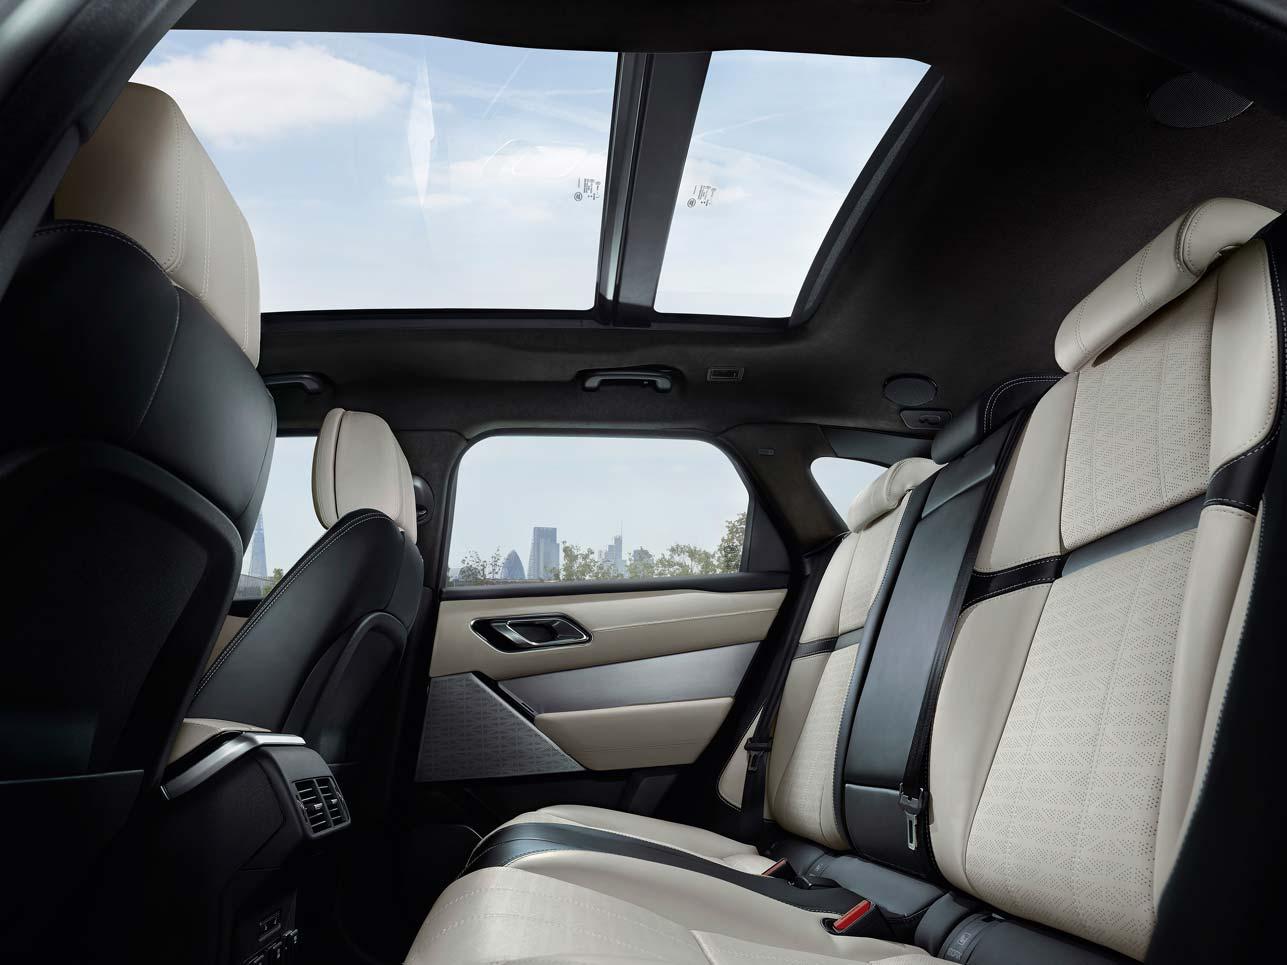 Nach oben offen. Das Panorama-Glasdach des Range Rover Velar